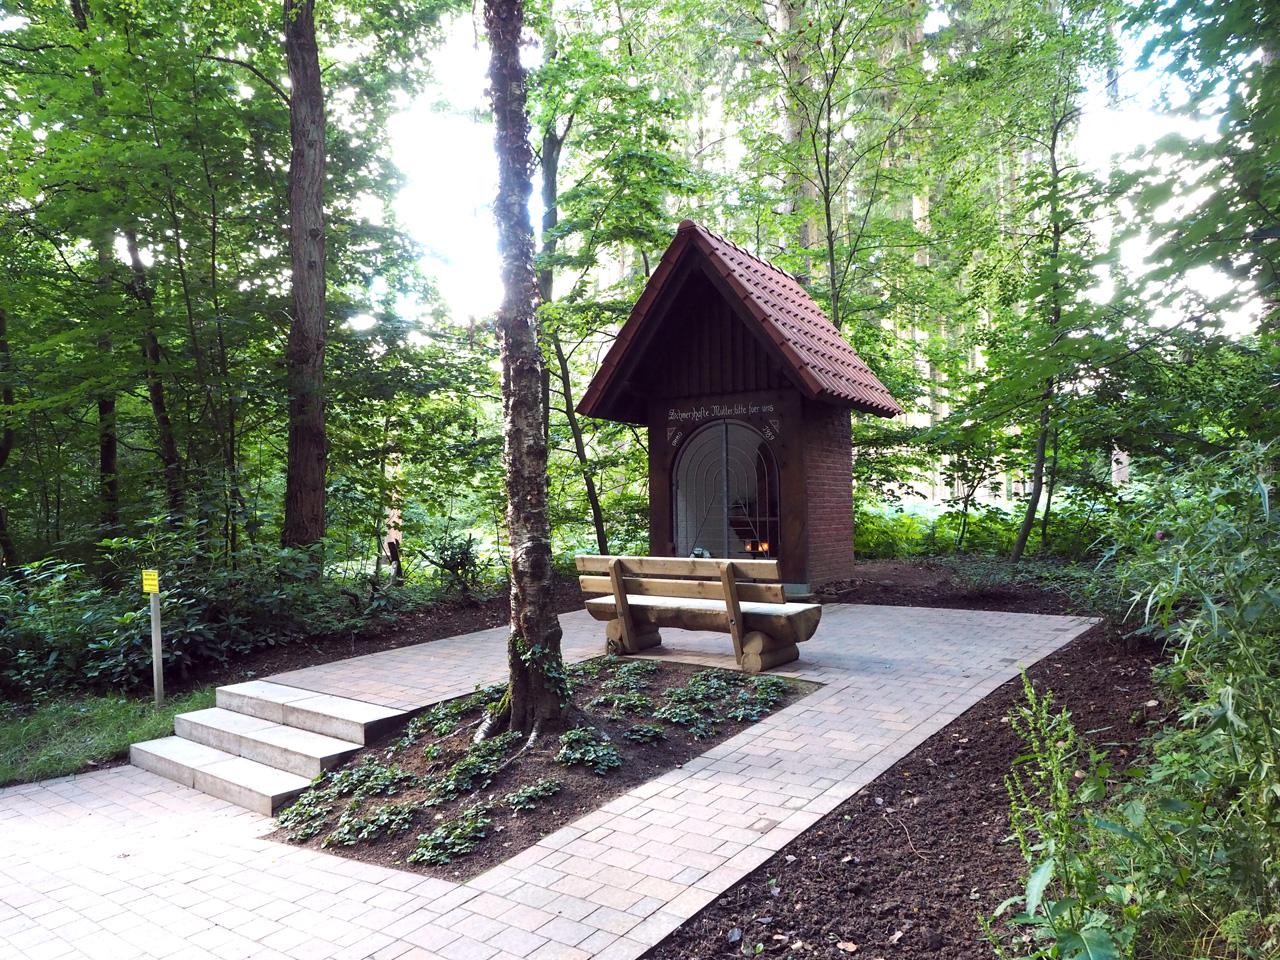 een nieuw gebouwde kapel